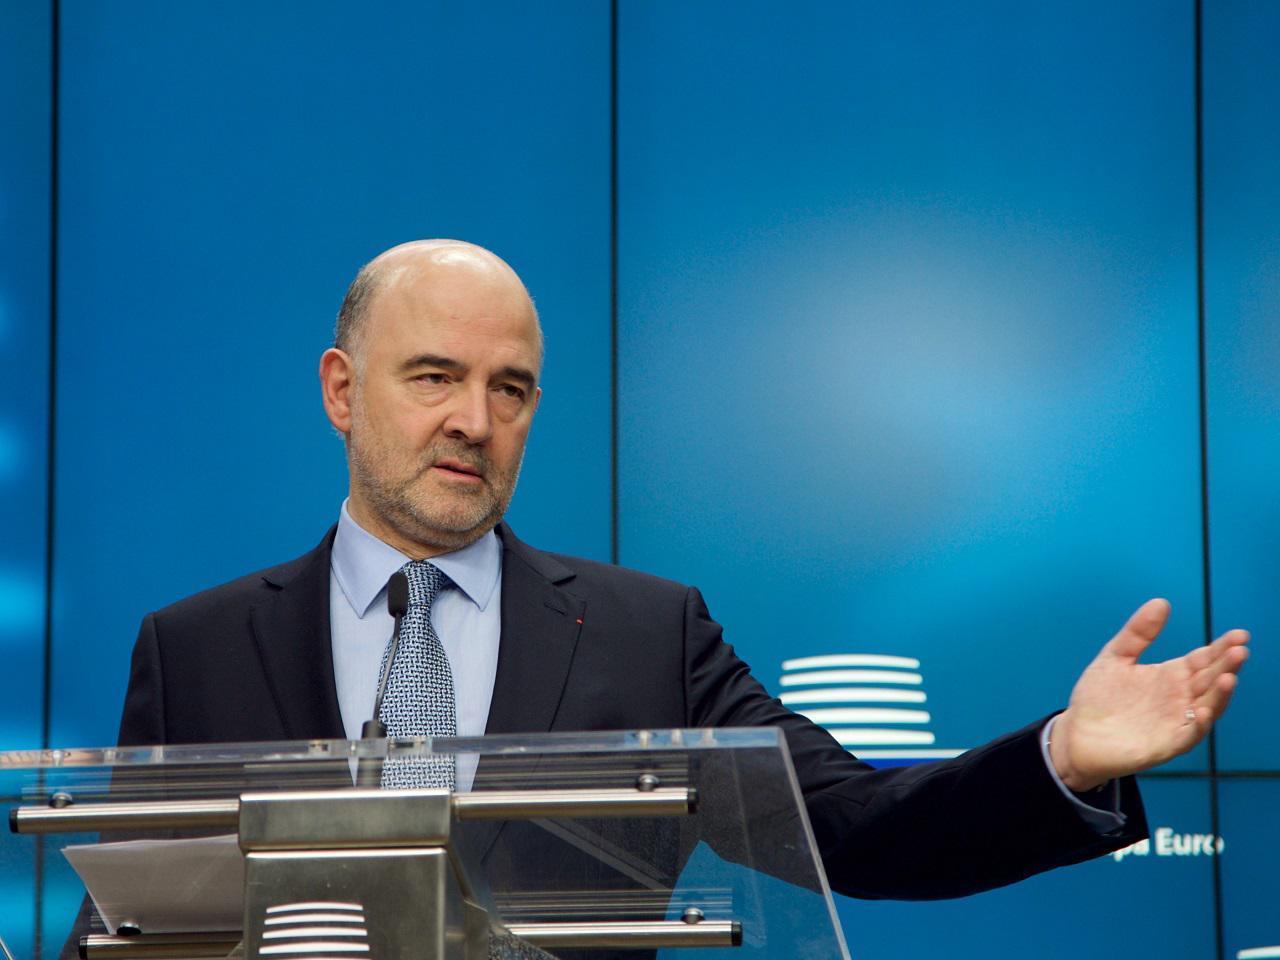 Πιέρ Μοσκοβισί, Γάλλος Επίτροπος για τα οικονομικά θέματα